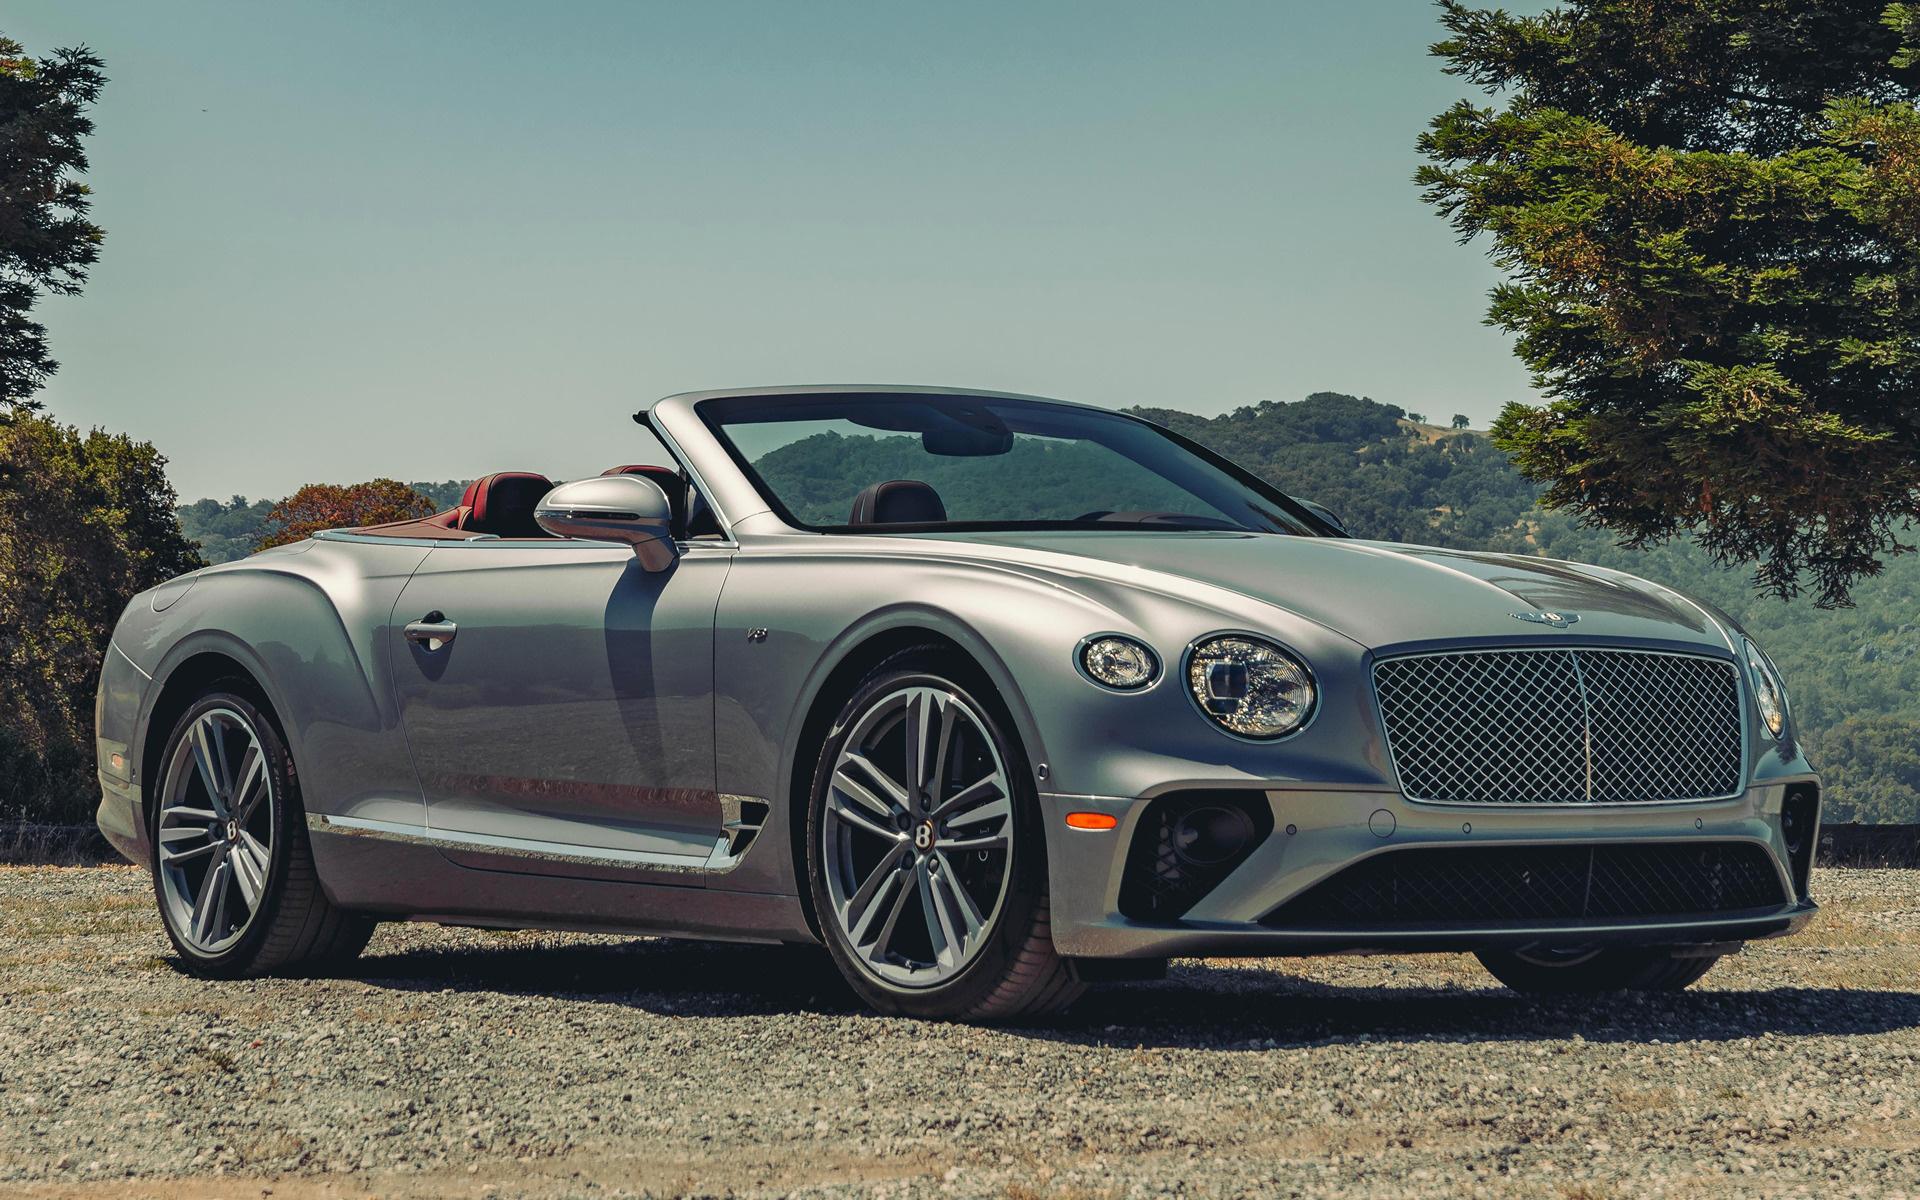 2020 Bentley Continental Gt V8 Convertible Us Papeis De Parede E Imagens De Fundo Em Hd Car Pixel